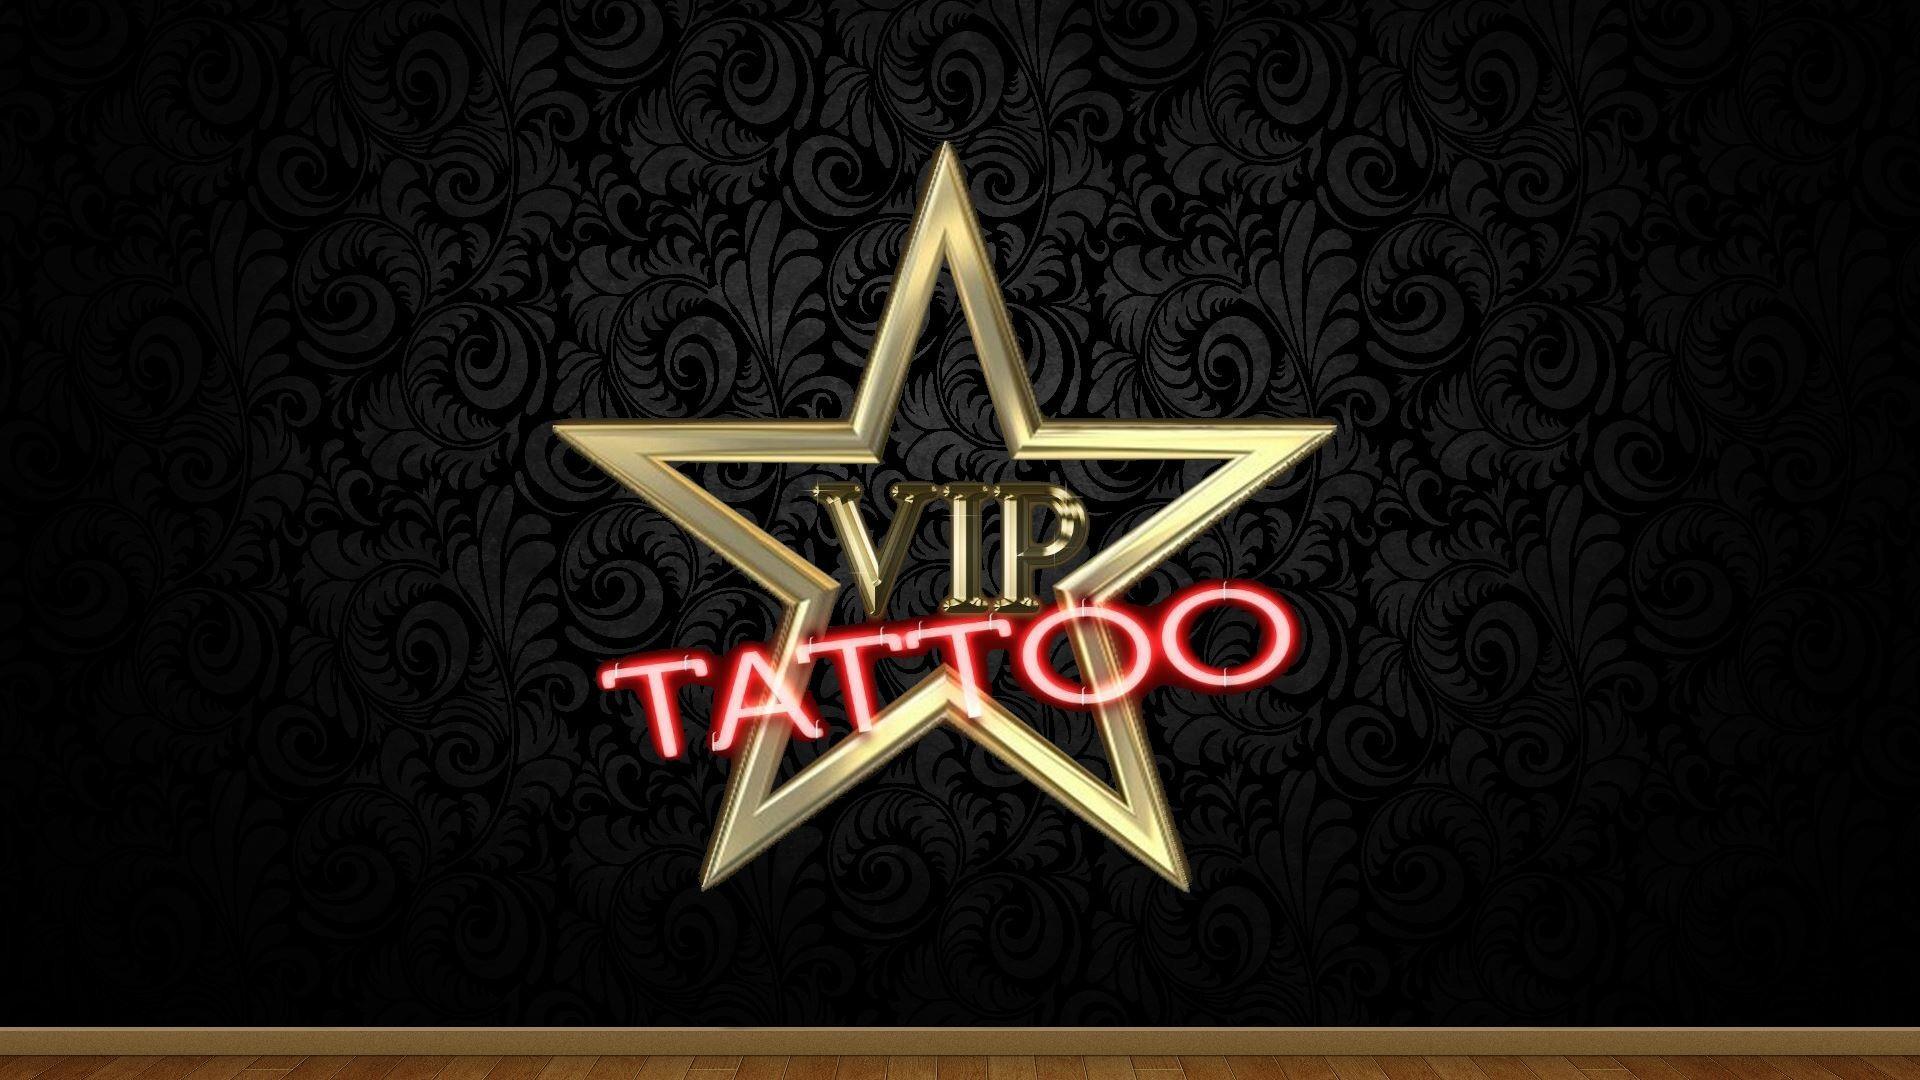 Si quieres hacerte un piercing o un tatuaje